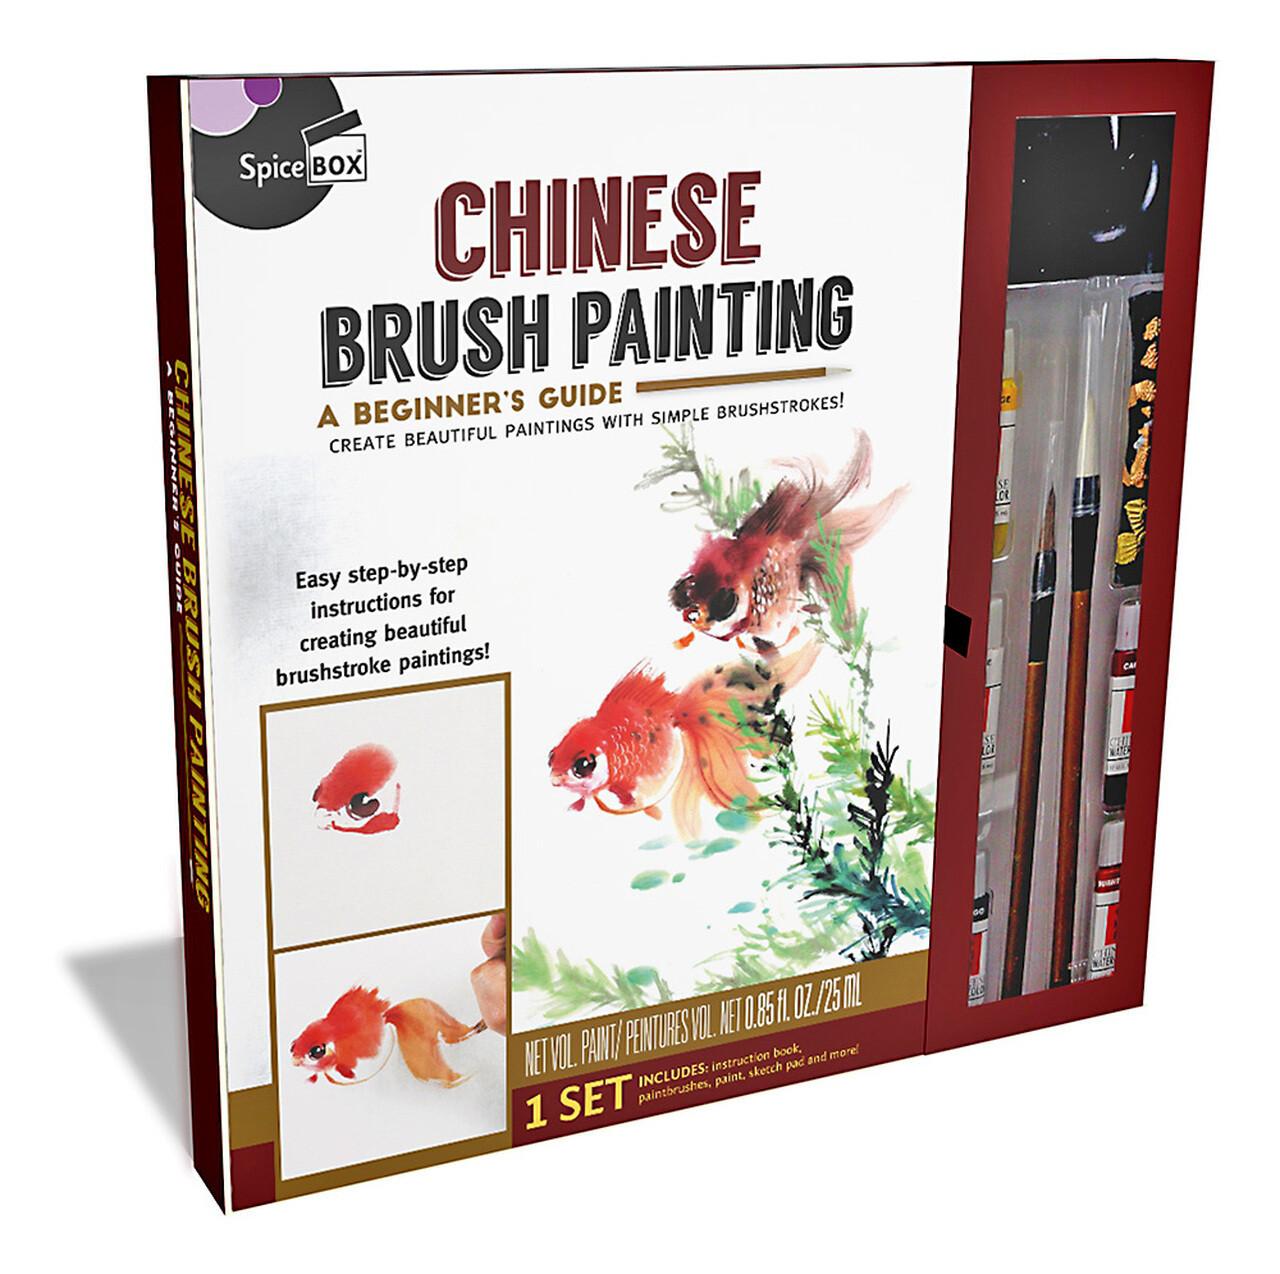 Spice Box; Chinese Brush